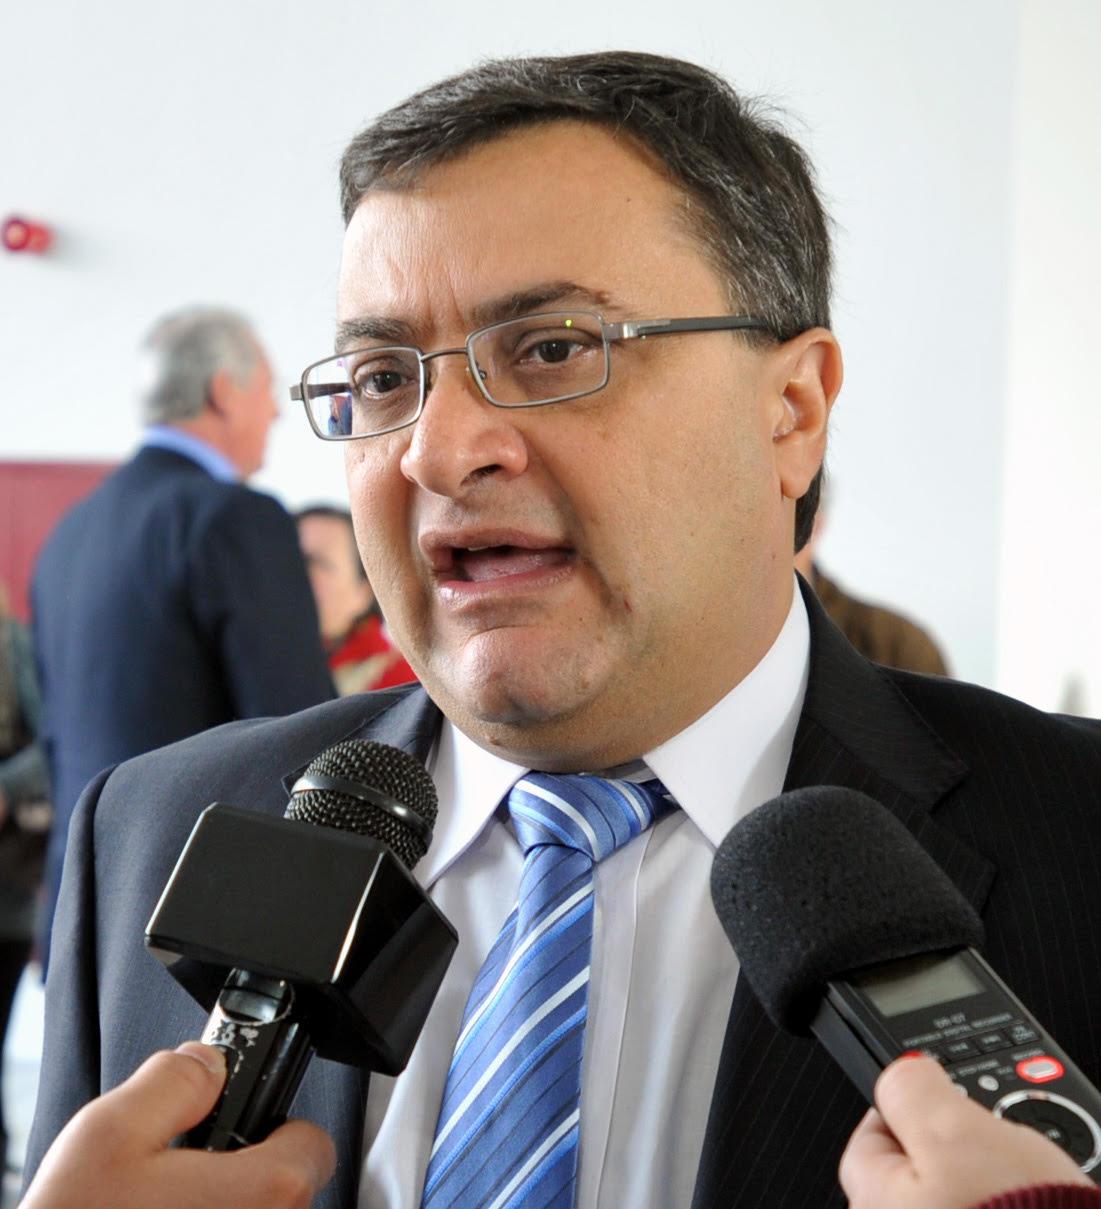 Michele Caputo destaca contratação de mais 55 trabalhadores na saúde